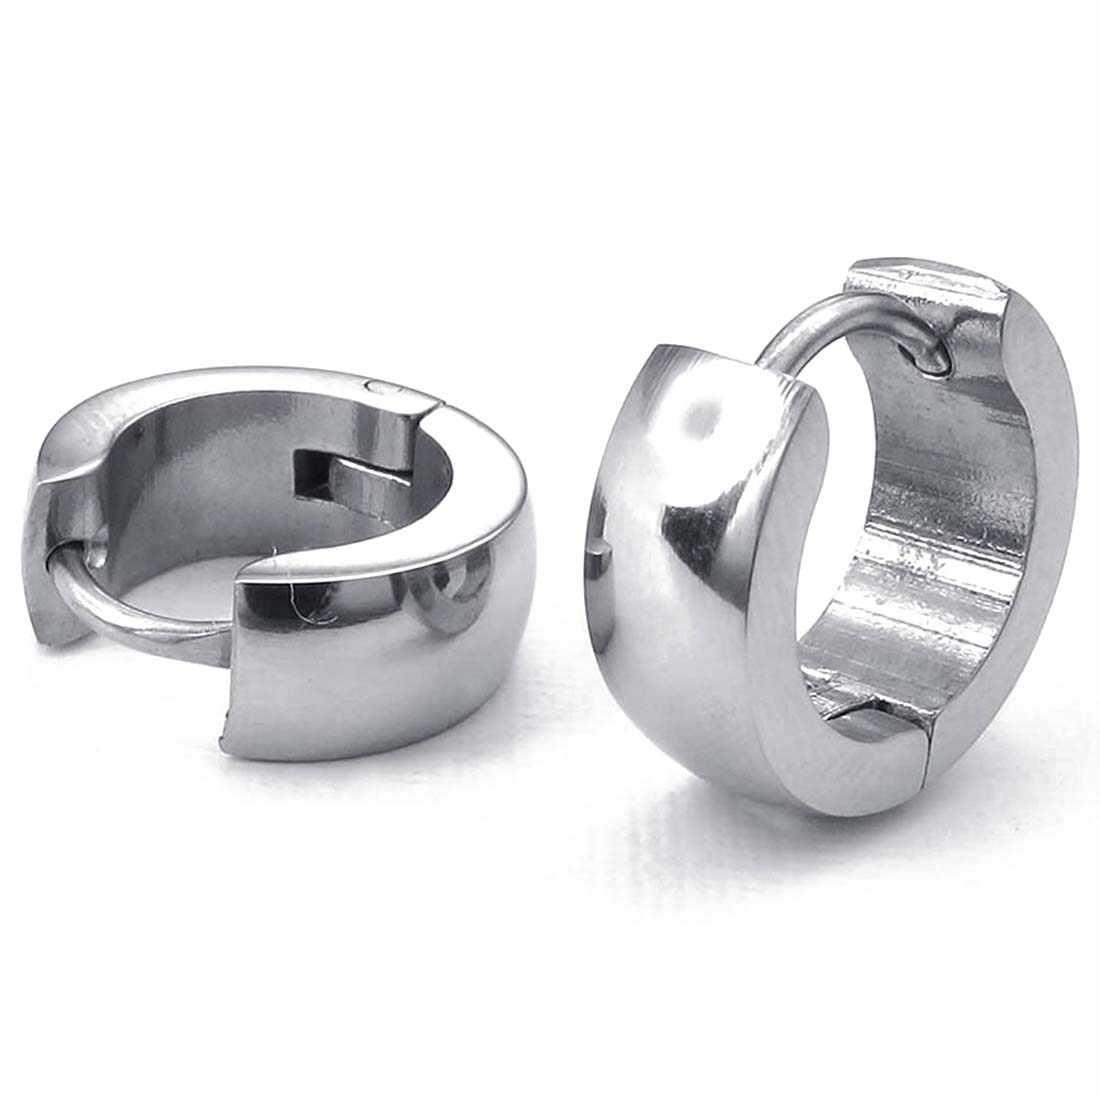 เครื่องประดับต่างหู-ออกแบบบานพับแหวน-สแตนเลสสตีล-สำหรับบุรุษและสตรี-เงิน-ของขวัญกระเป๋า